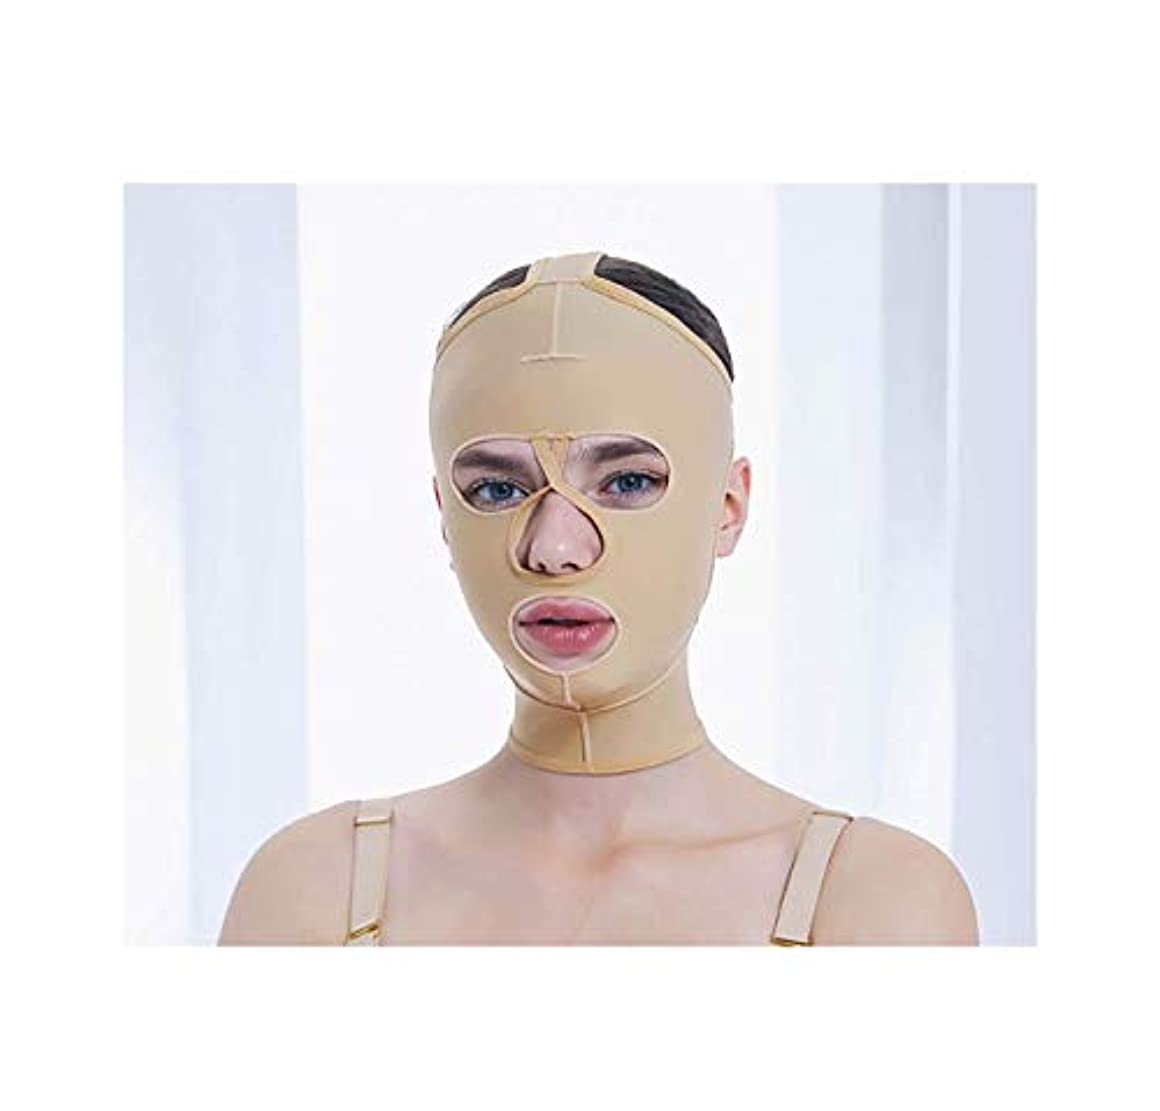 城パーツ申し立てるフェイス&ネックリフト、減量フェイスマスク脂肪吸引術脂肪吸引整形マスクフードフェイスリフティングアーティファクトVフェイスビームフェイス弾性スリーブ(サイズ:XS),S